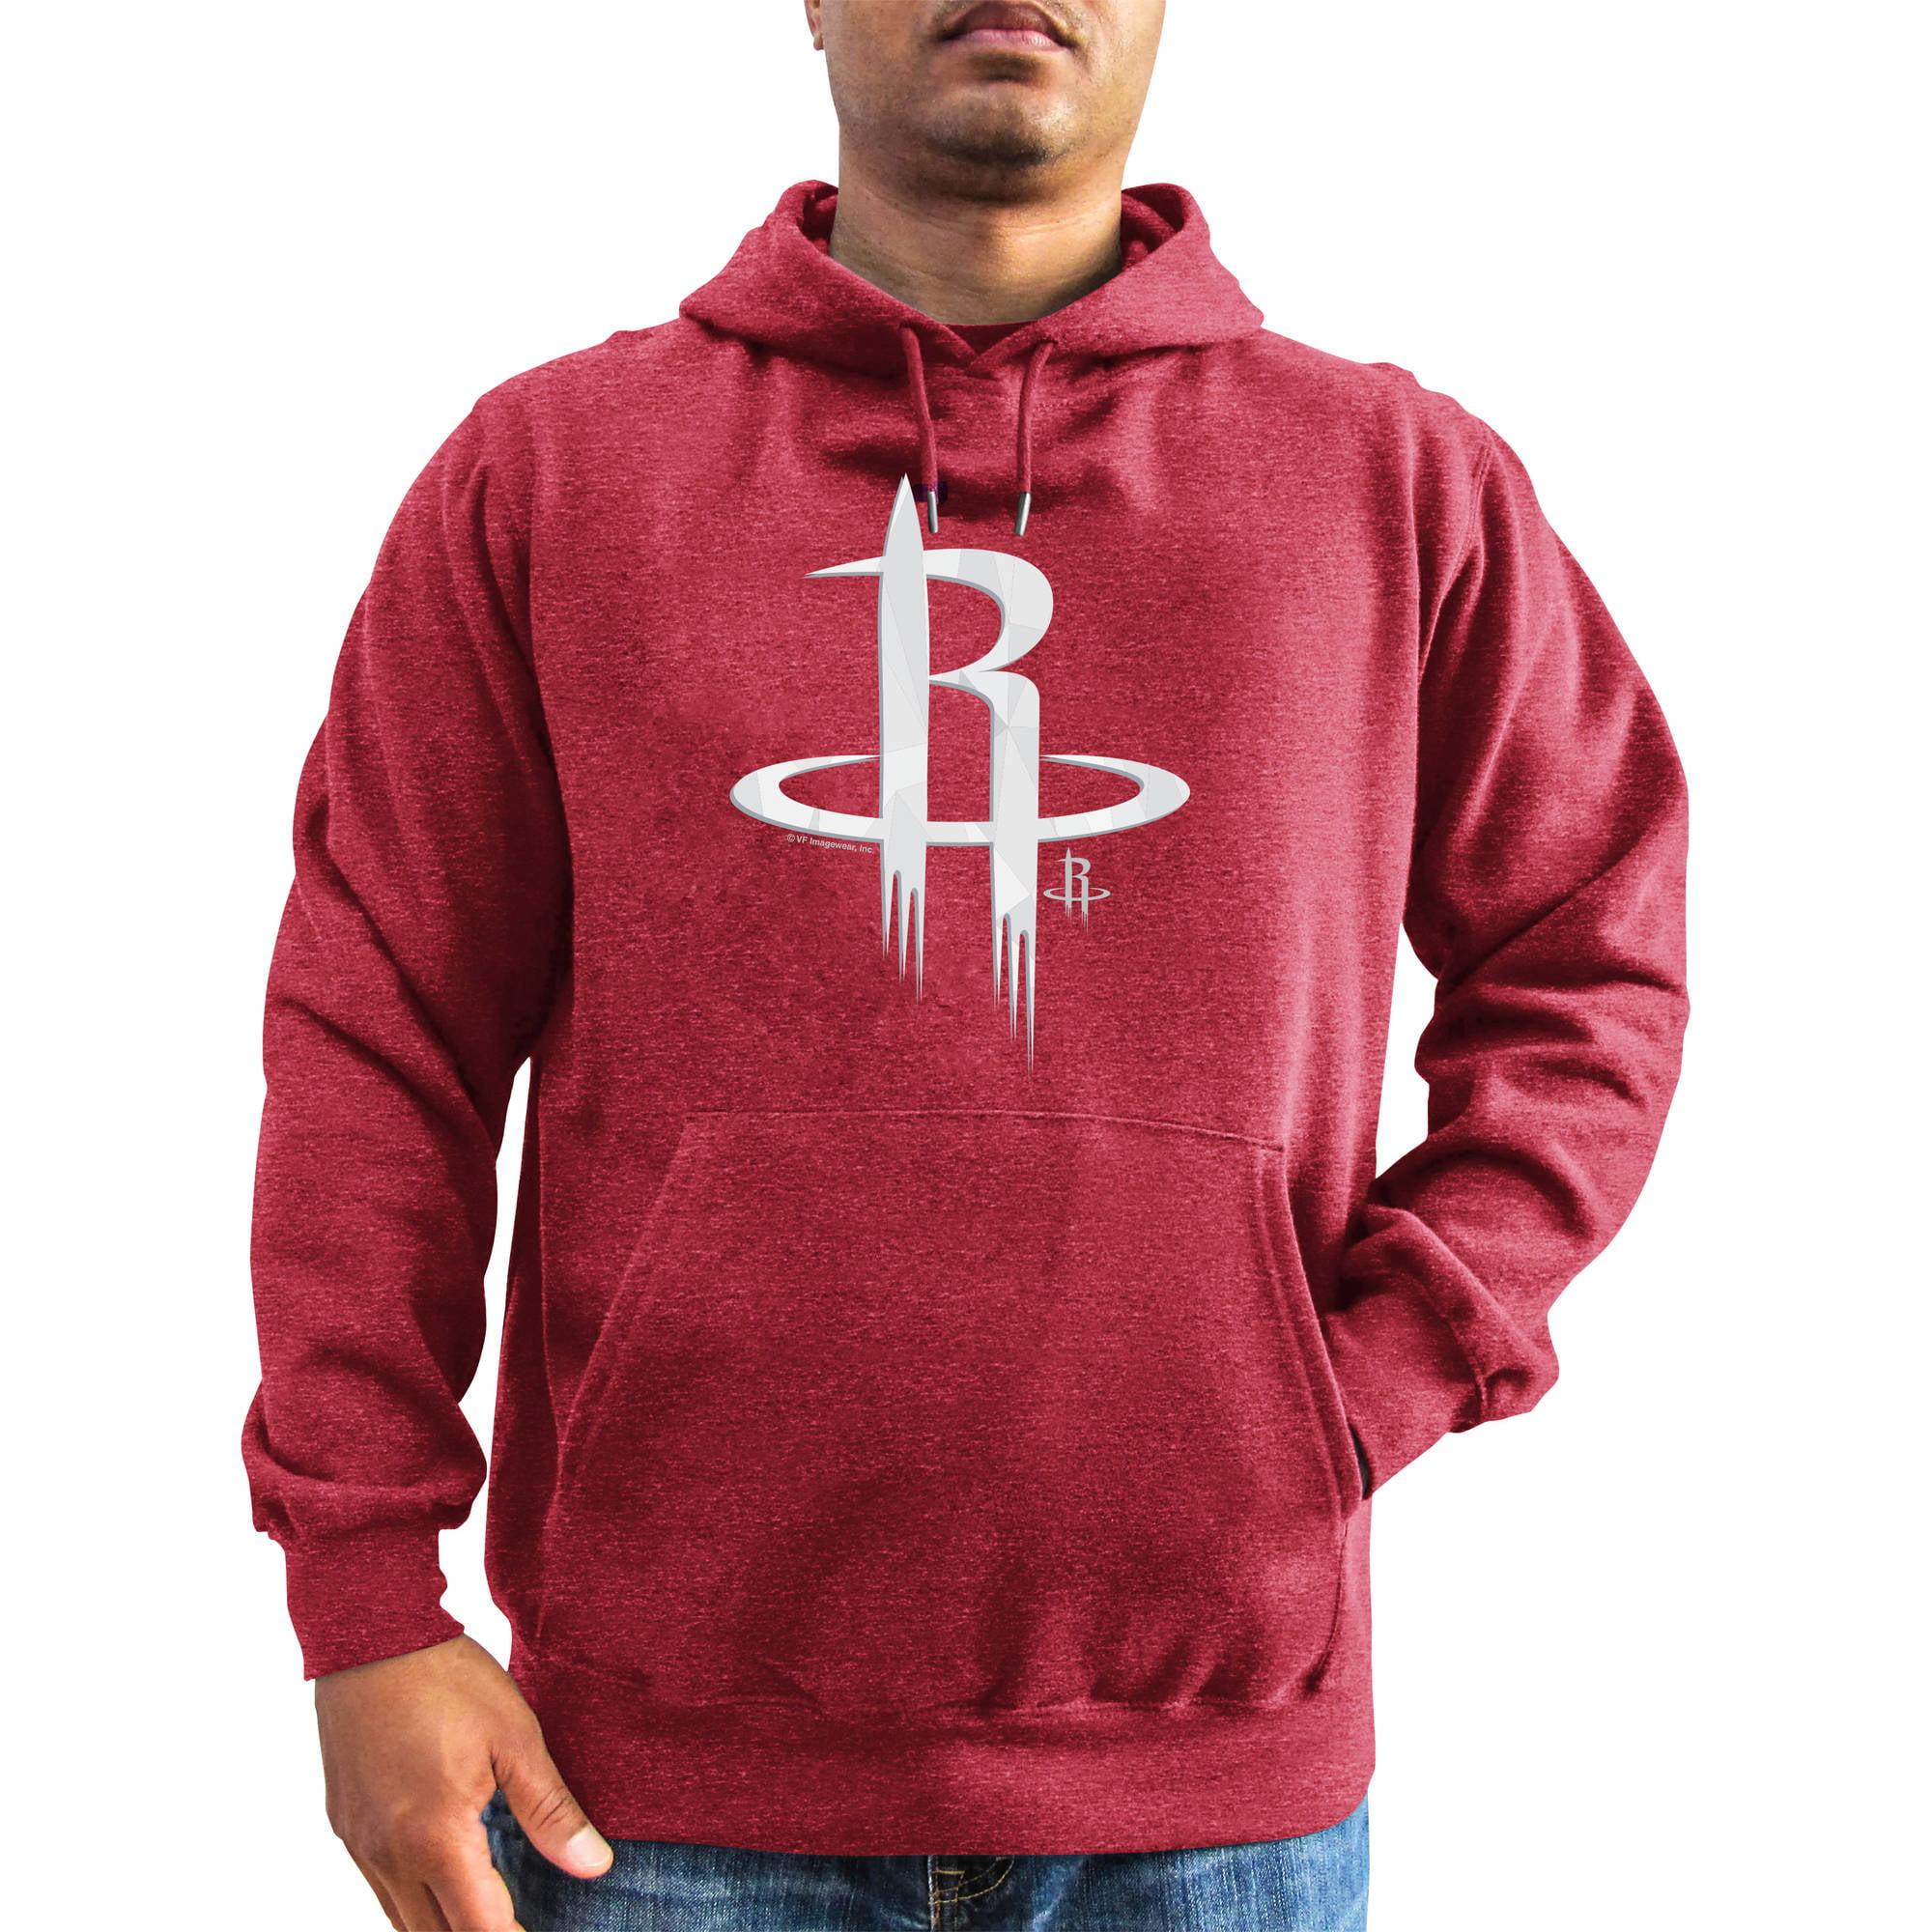 NBA Men's Houston Rockets Hooded Fleece